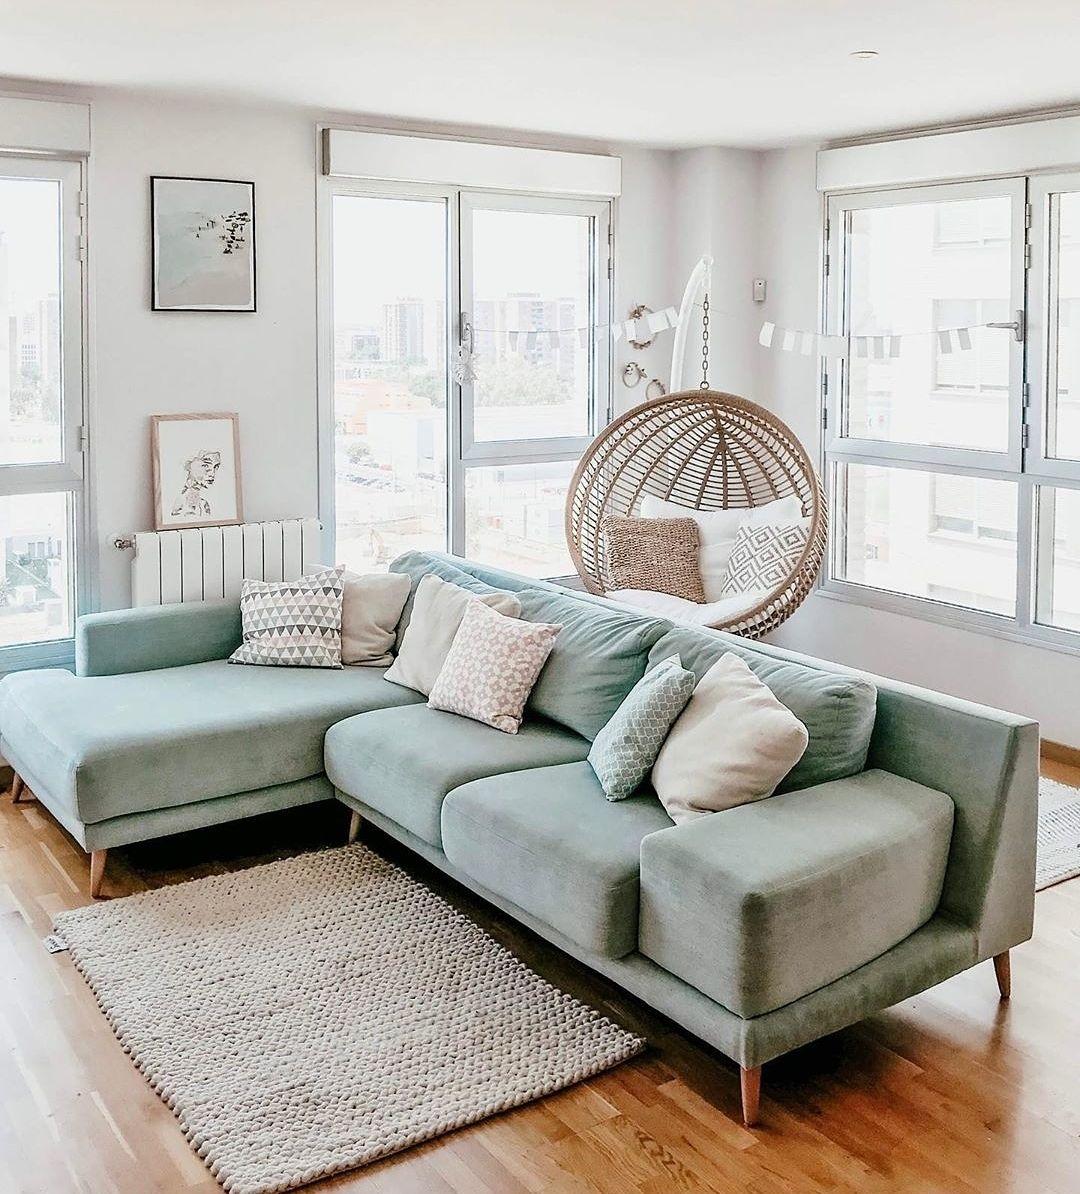 Porqué Incluir Los Colores Pastel En La Decoración De Interiores Aunque Son Colore Blue Couch Living Room Light Blue Couch Living Room Green Sofa Living Room